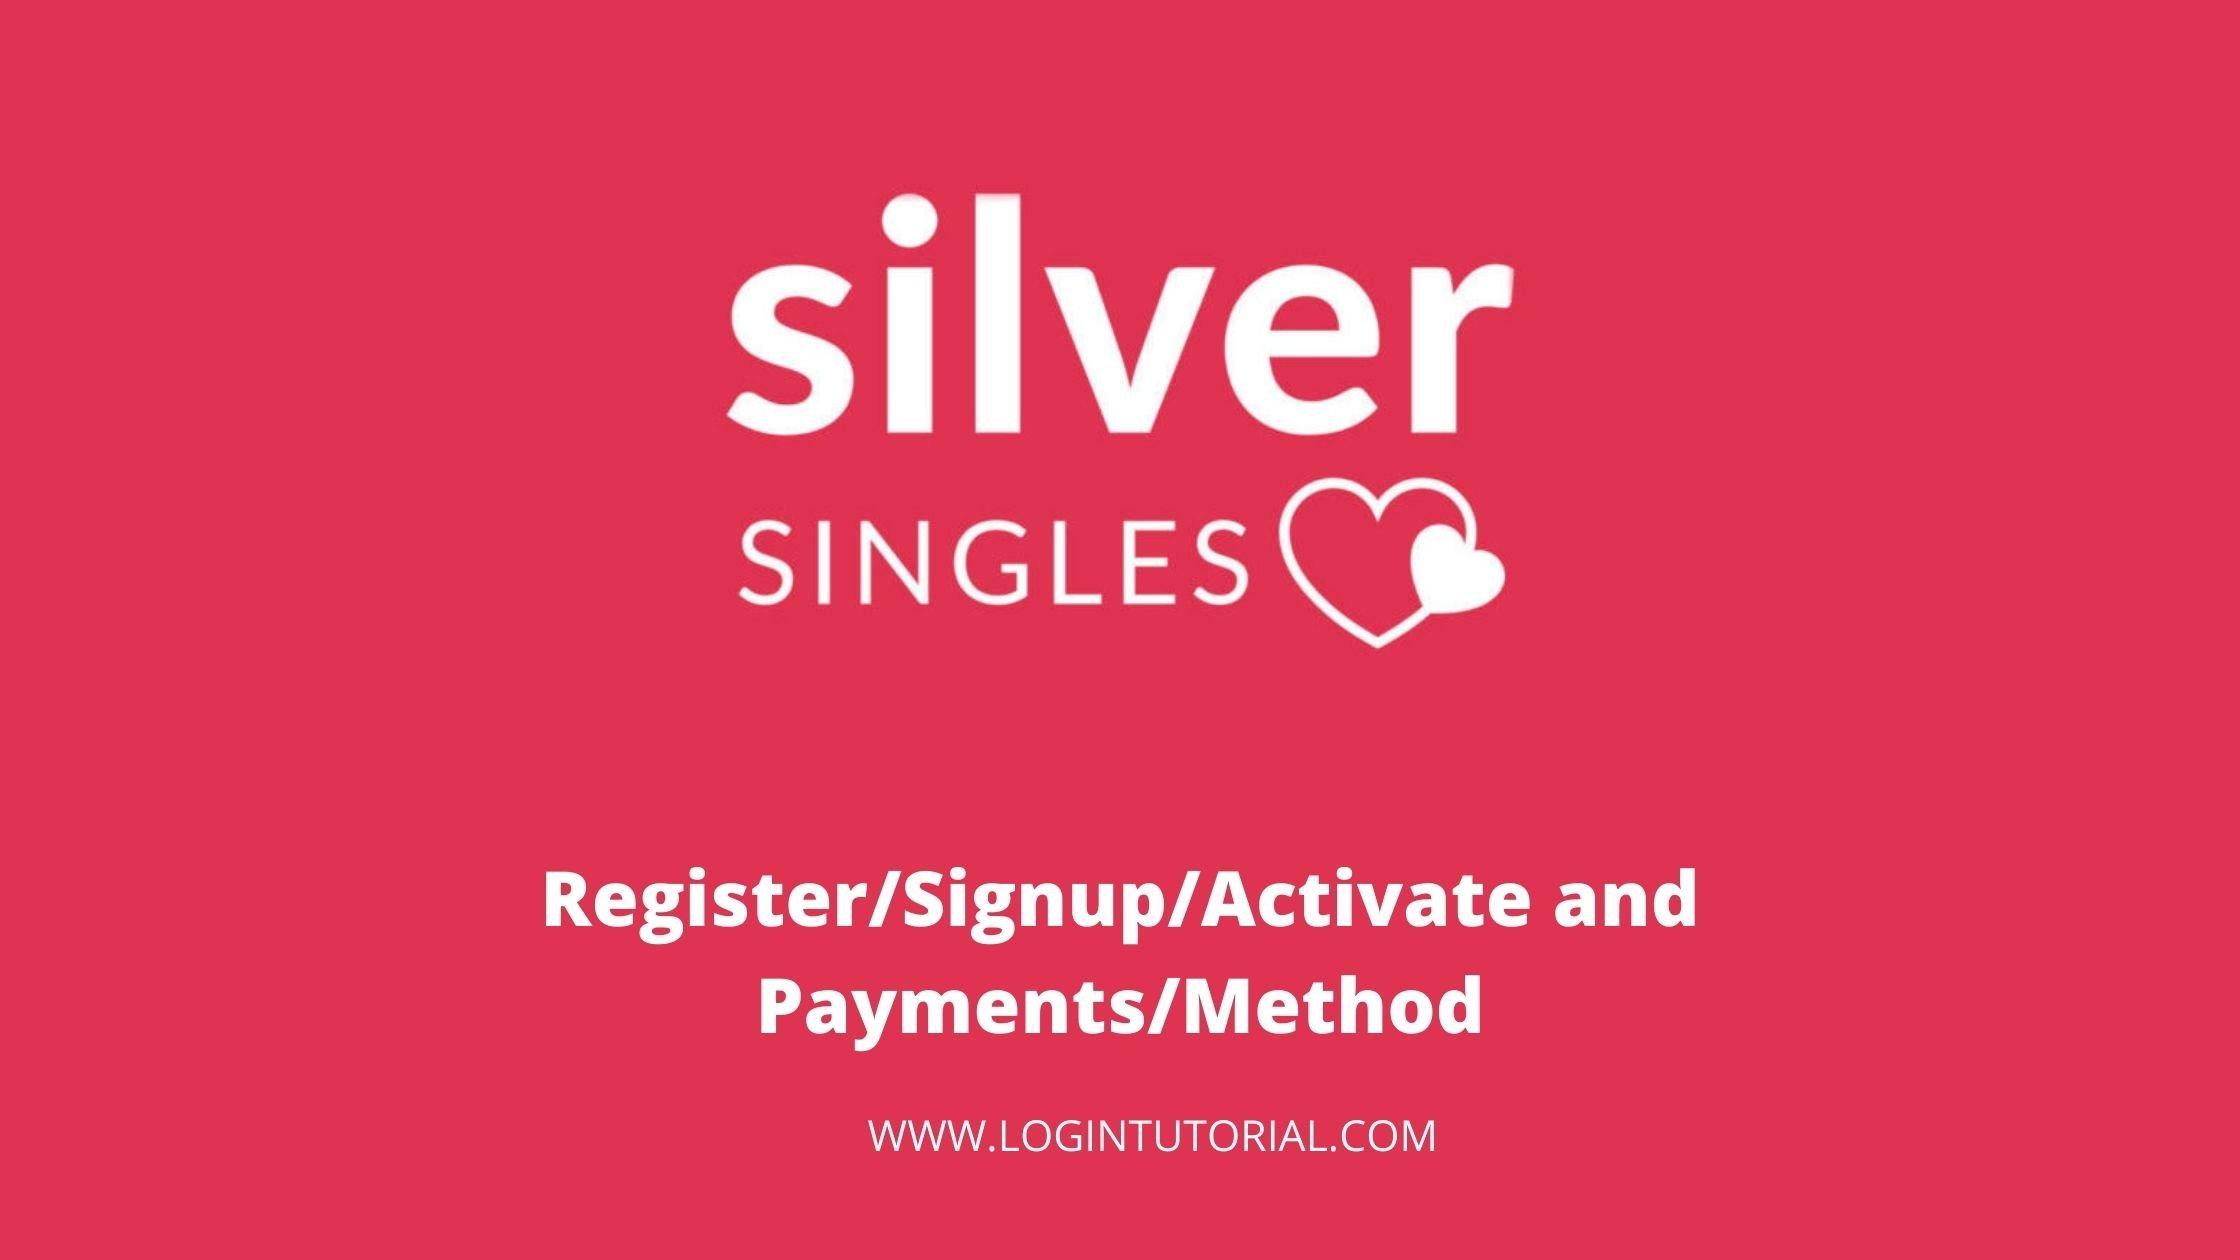 silversingles login guideline